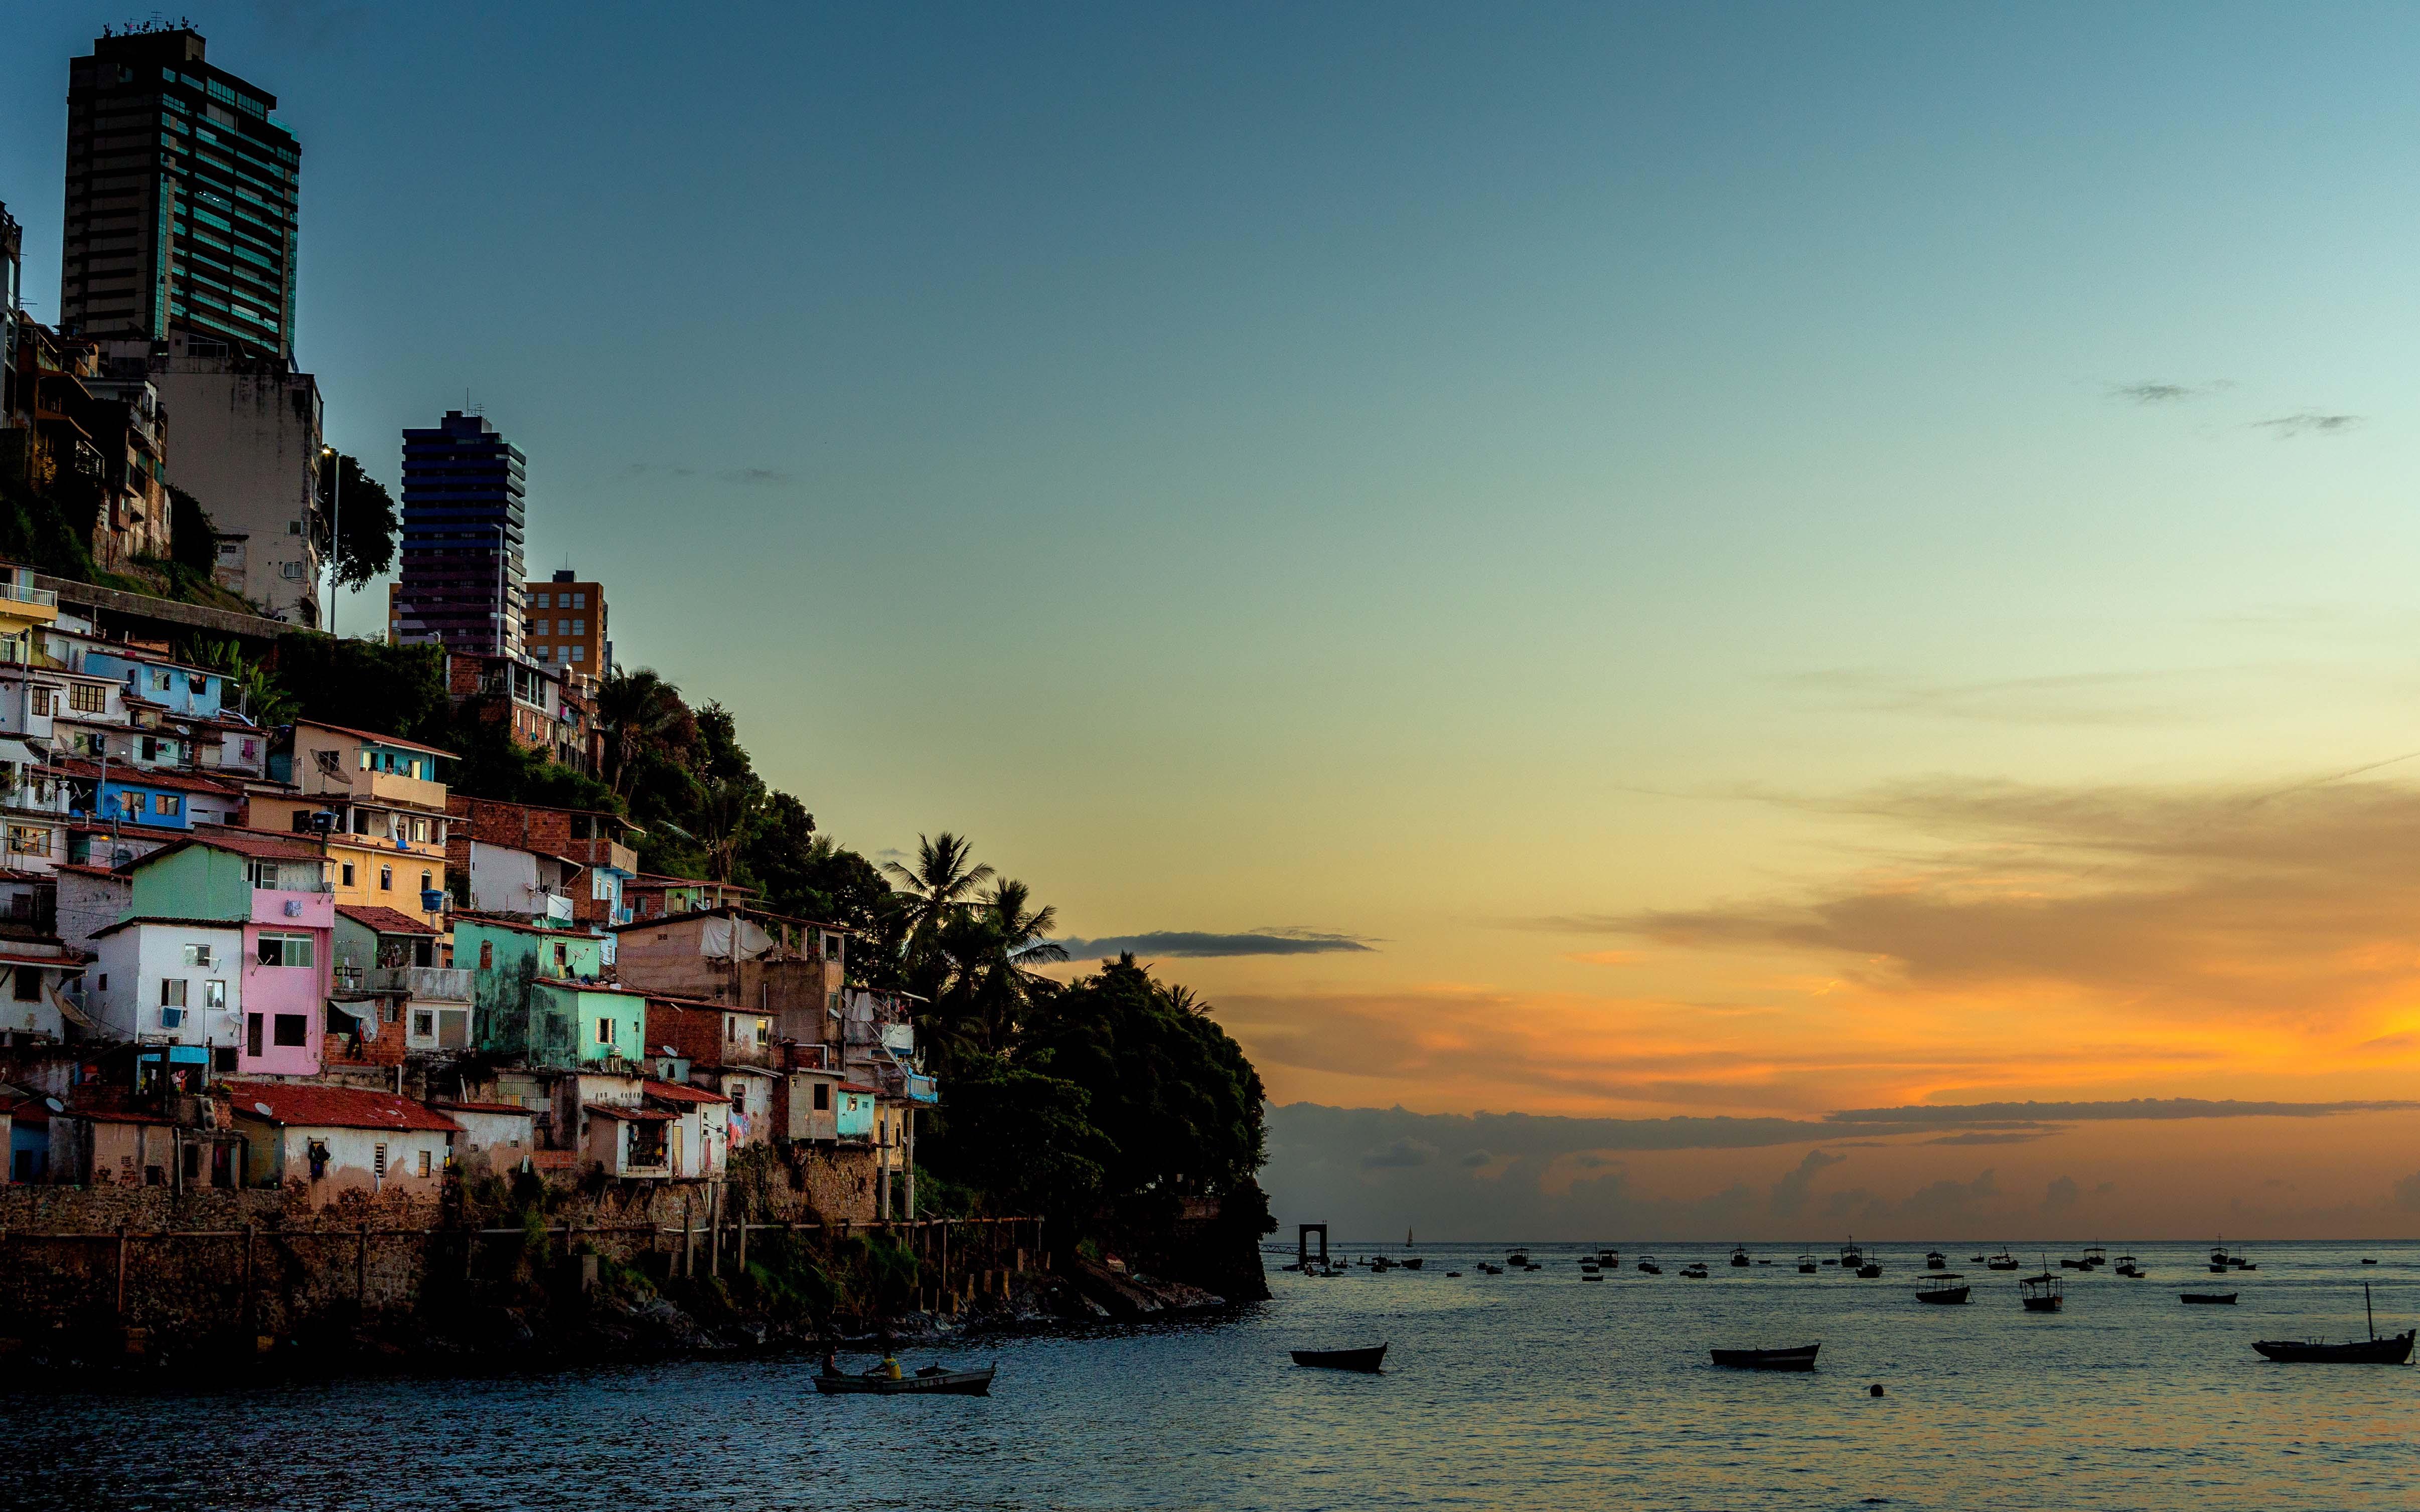 الانتقال إلى السلفادور. المغتربين والعيش في السلفادور